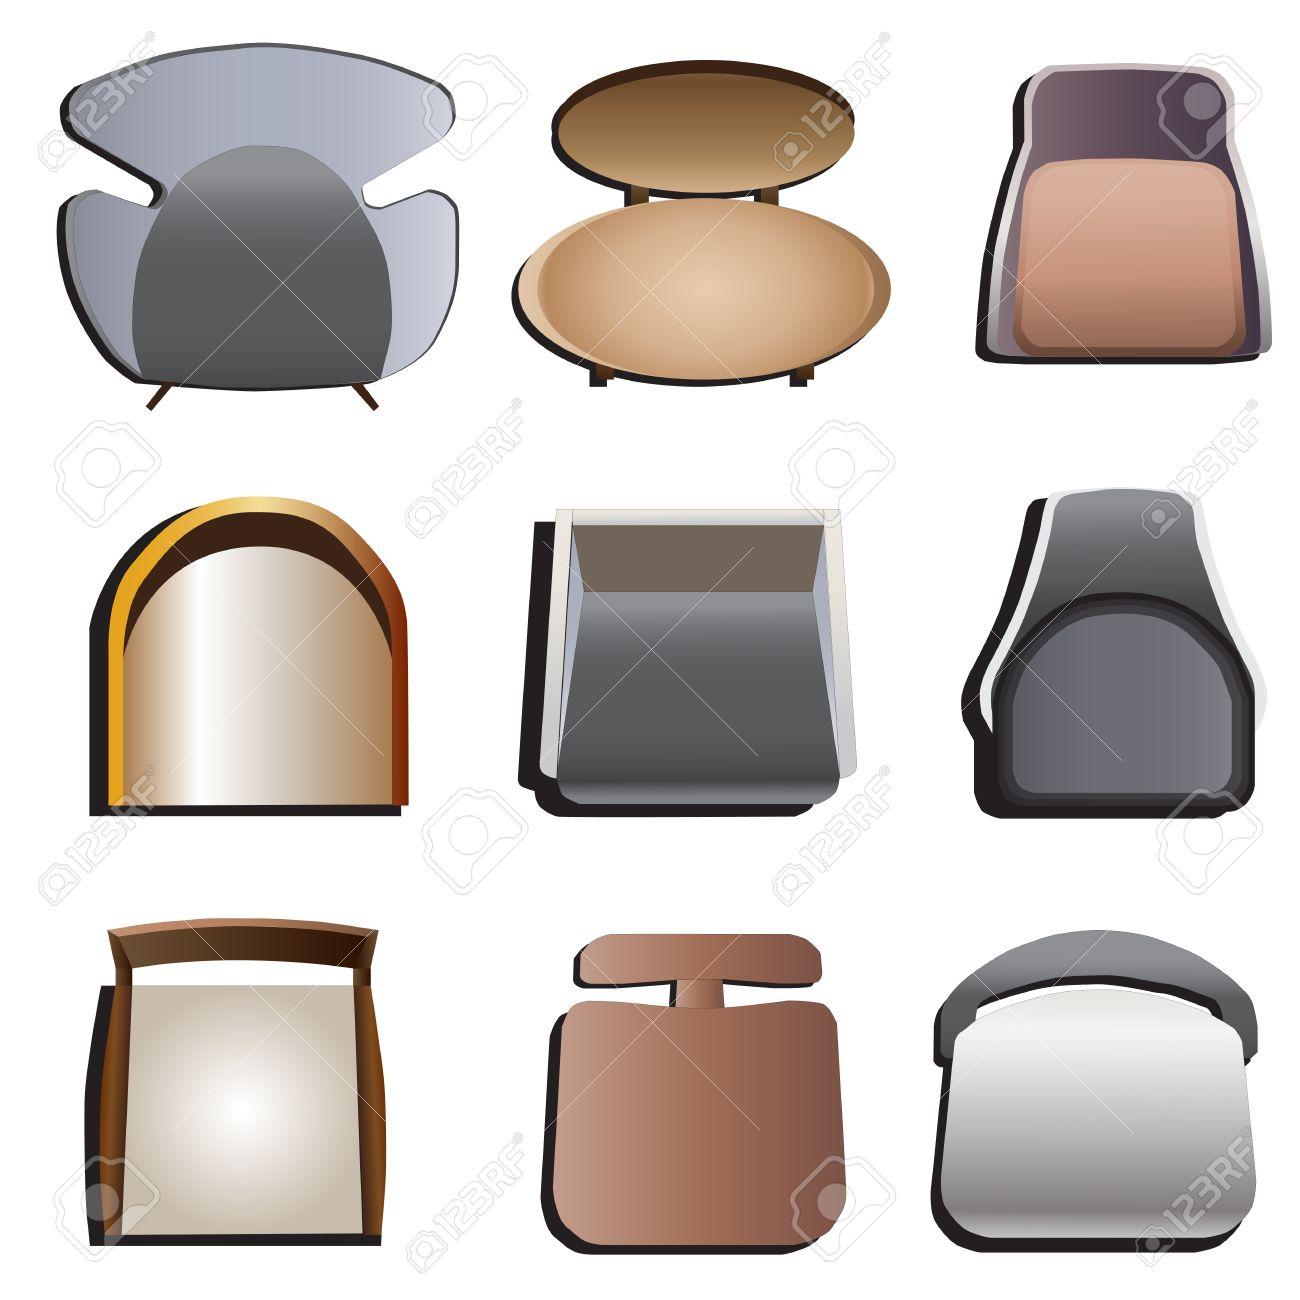 chaises vue de dessus set 4 pour l interieur illustration vectorielle